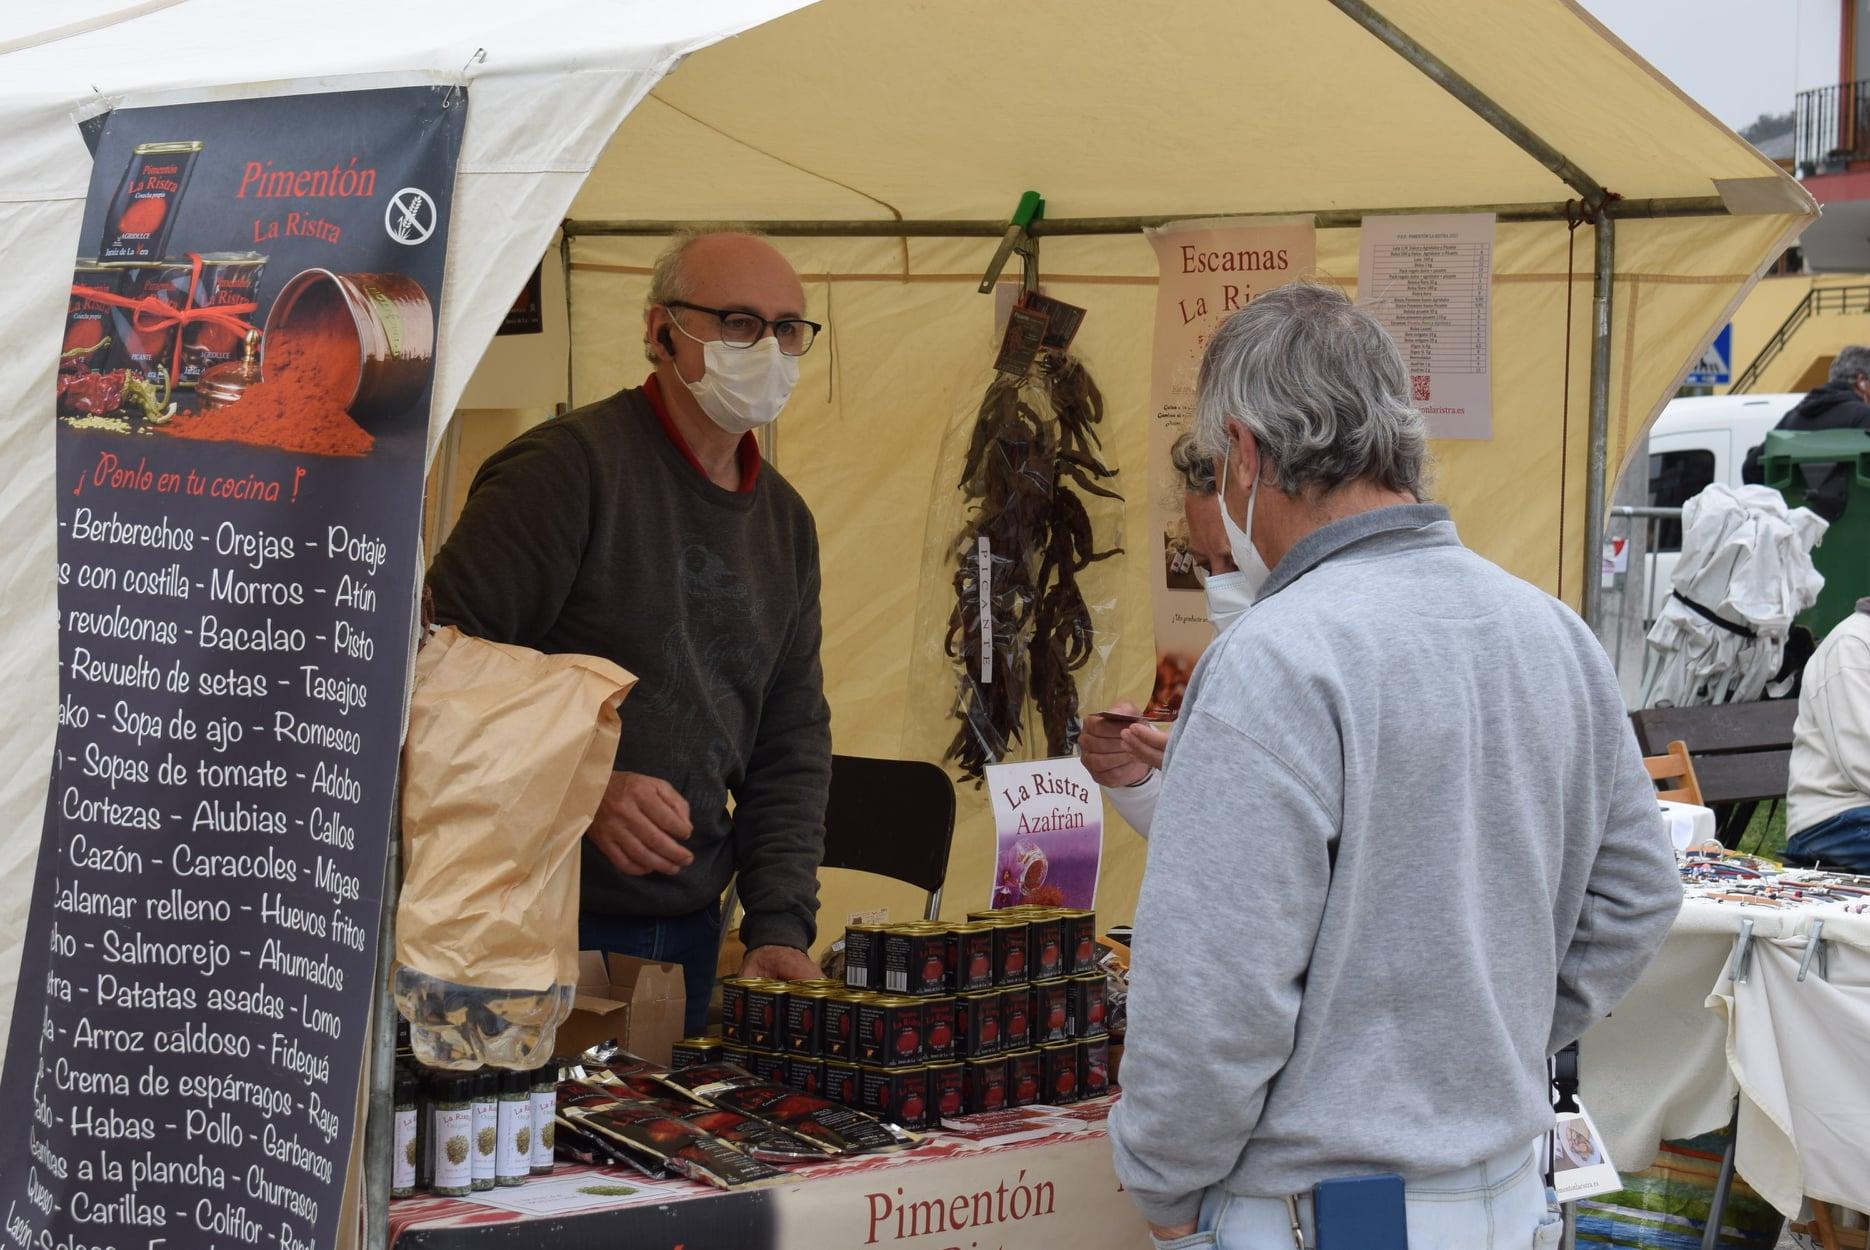 Piélagos amplía el mercado de Liencres a petición de los participantes